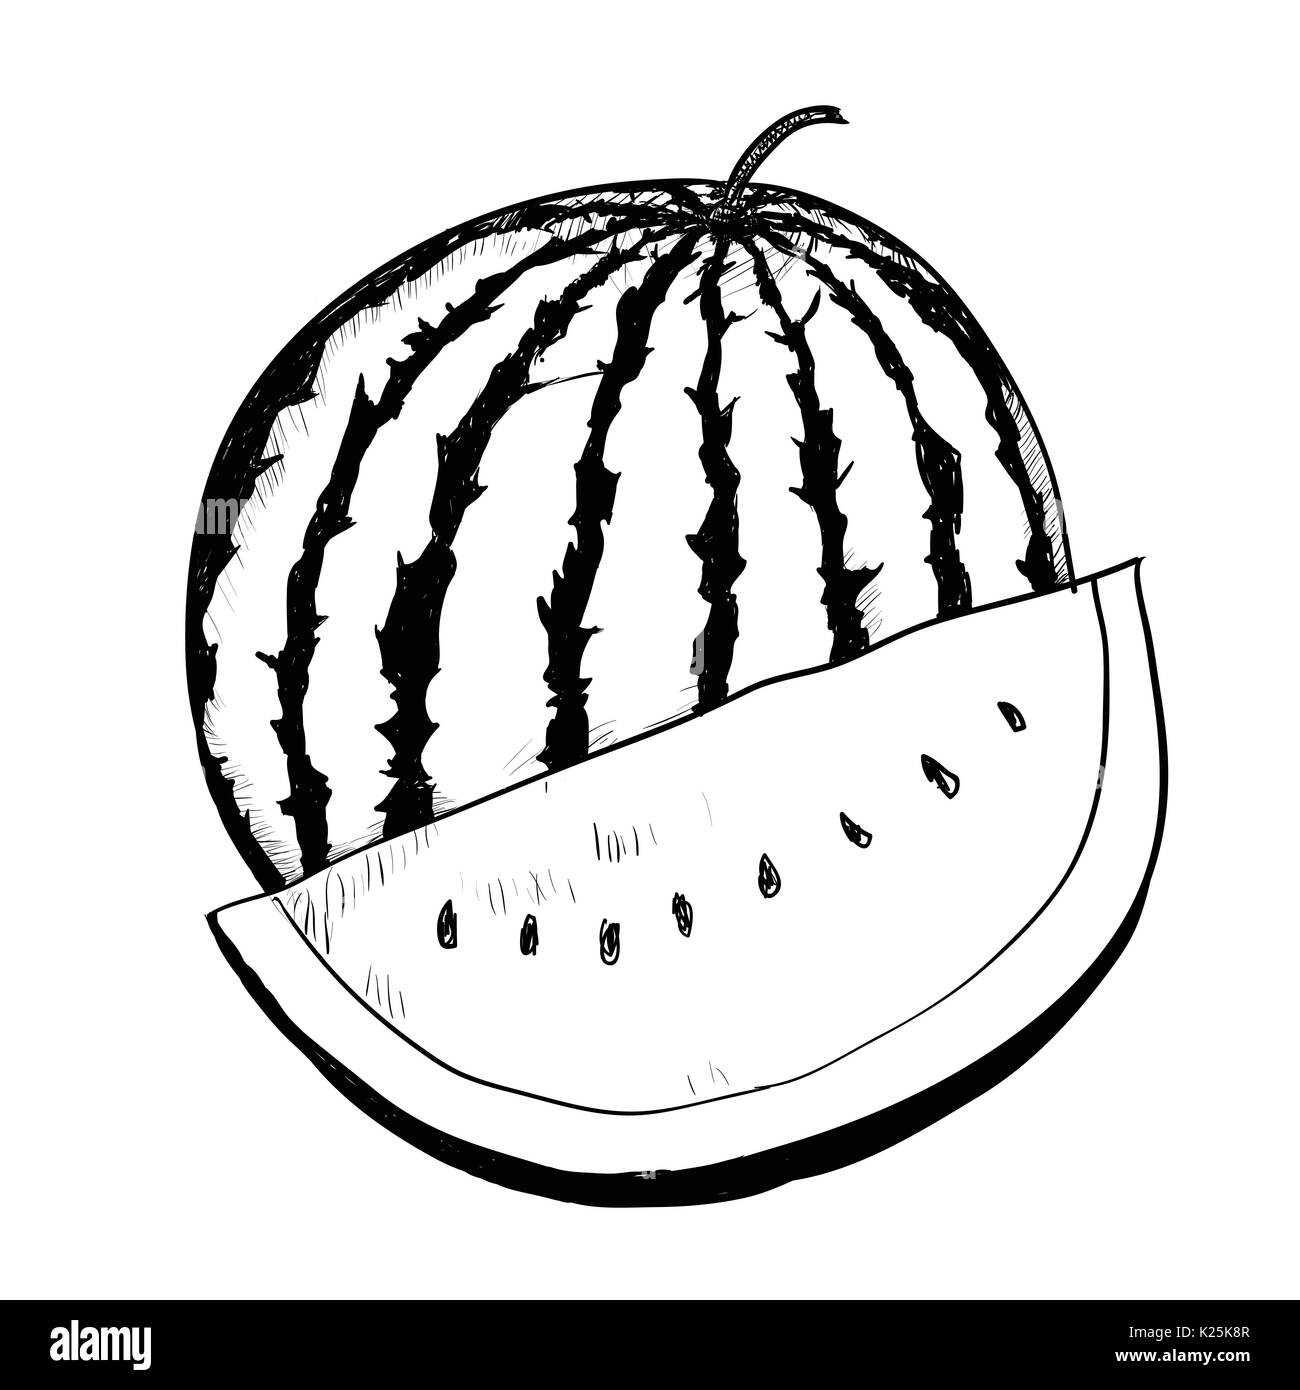 Watermelon Illustration Coloring Book Immagini Watermelon